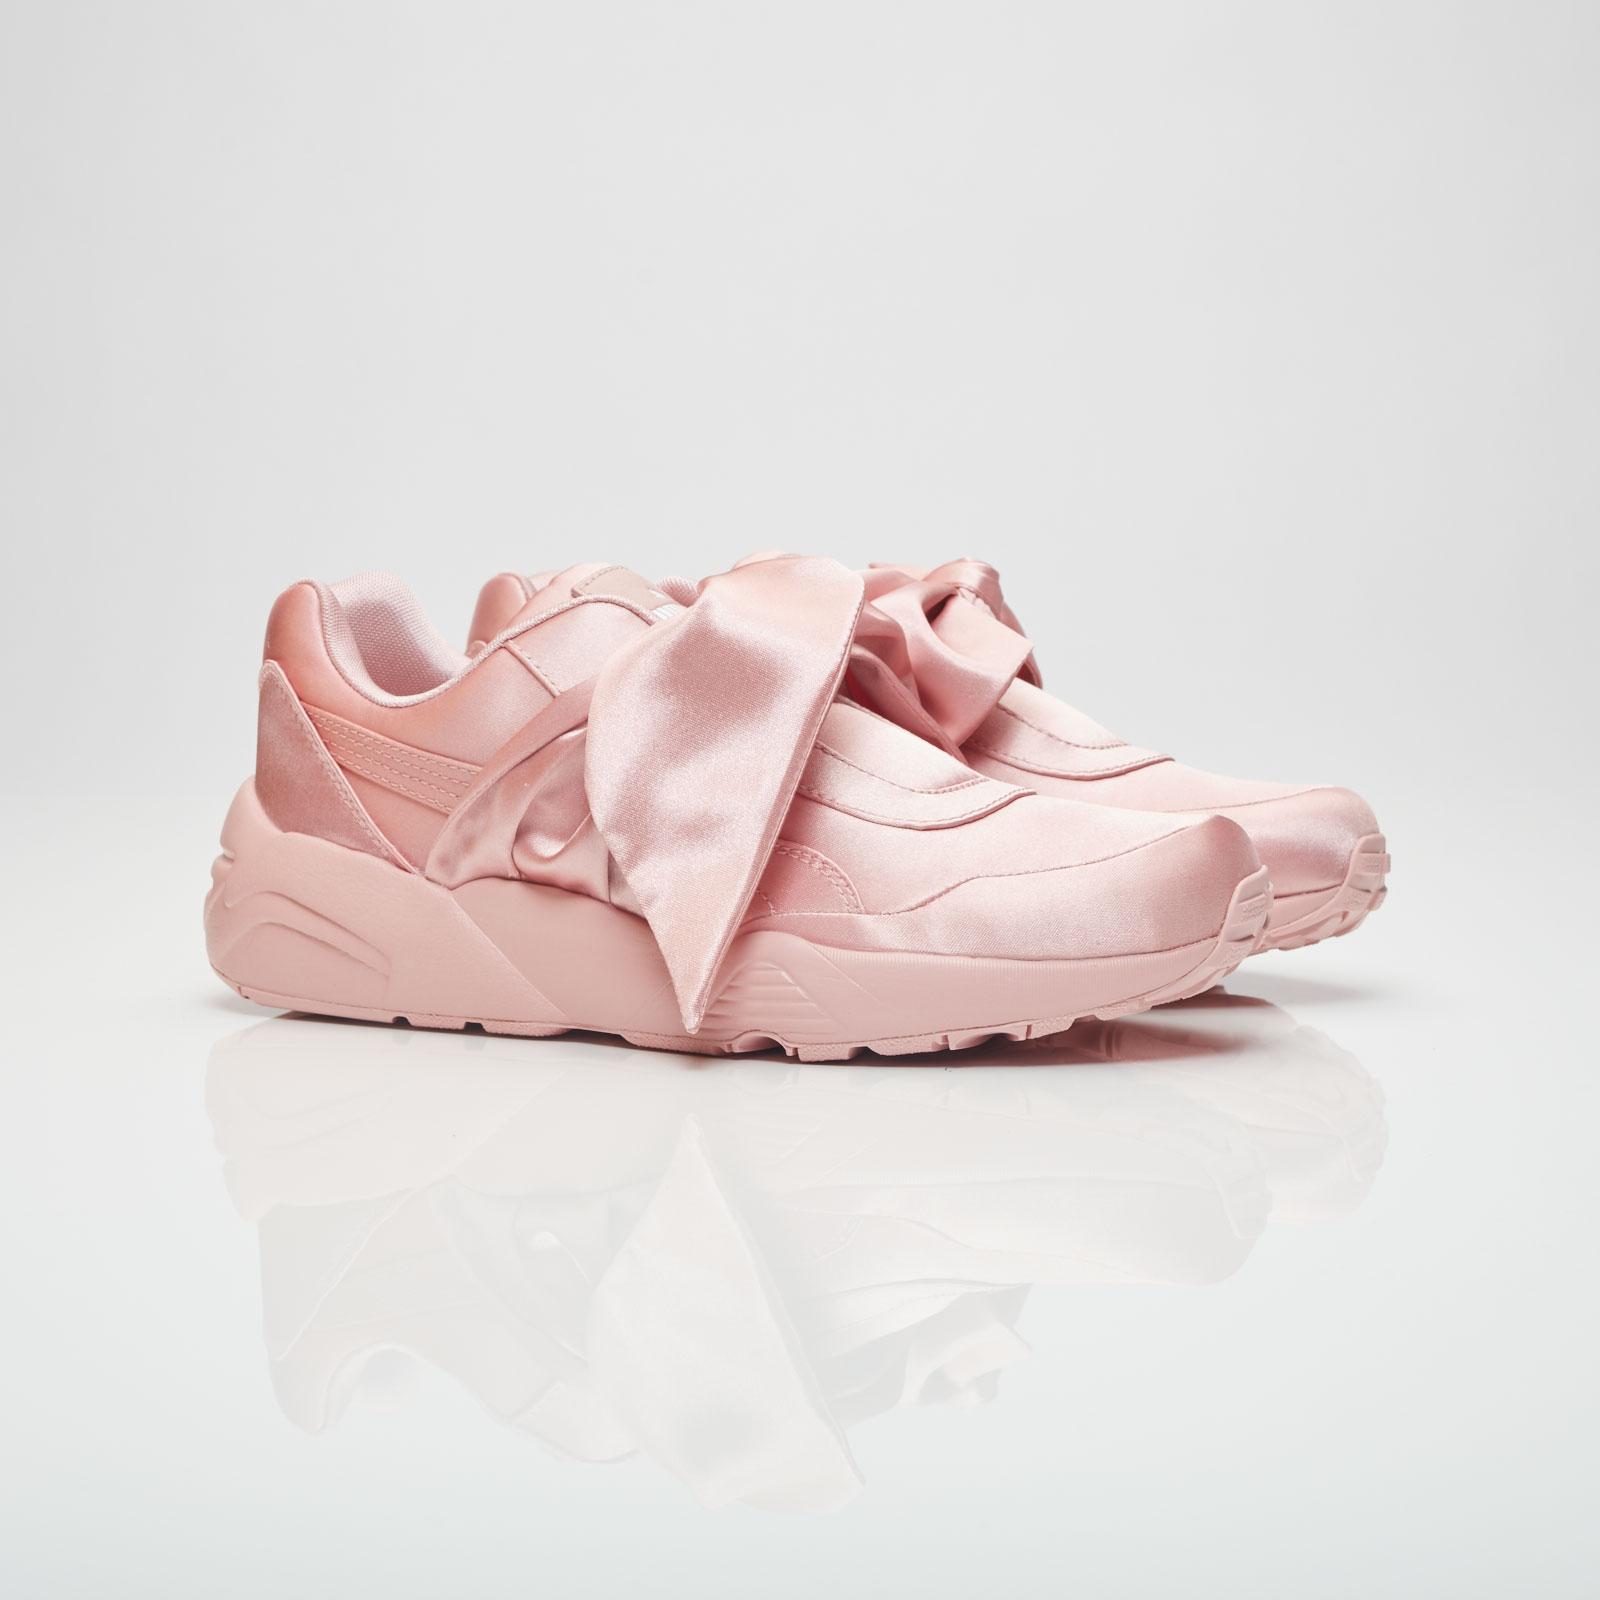 online store 4ee0c 3e8b0 Puma Bow Sneaker Womens - 365054-01 - Sneakersnstuff ...